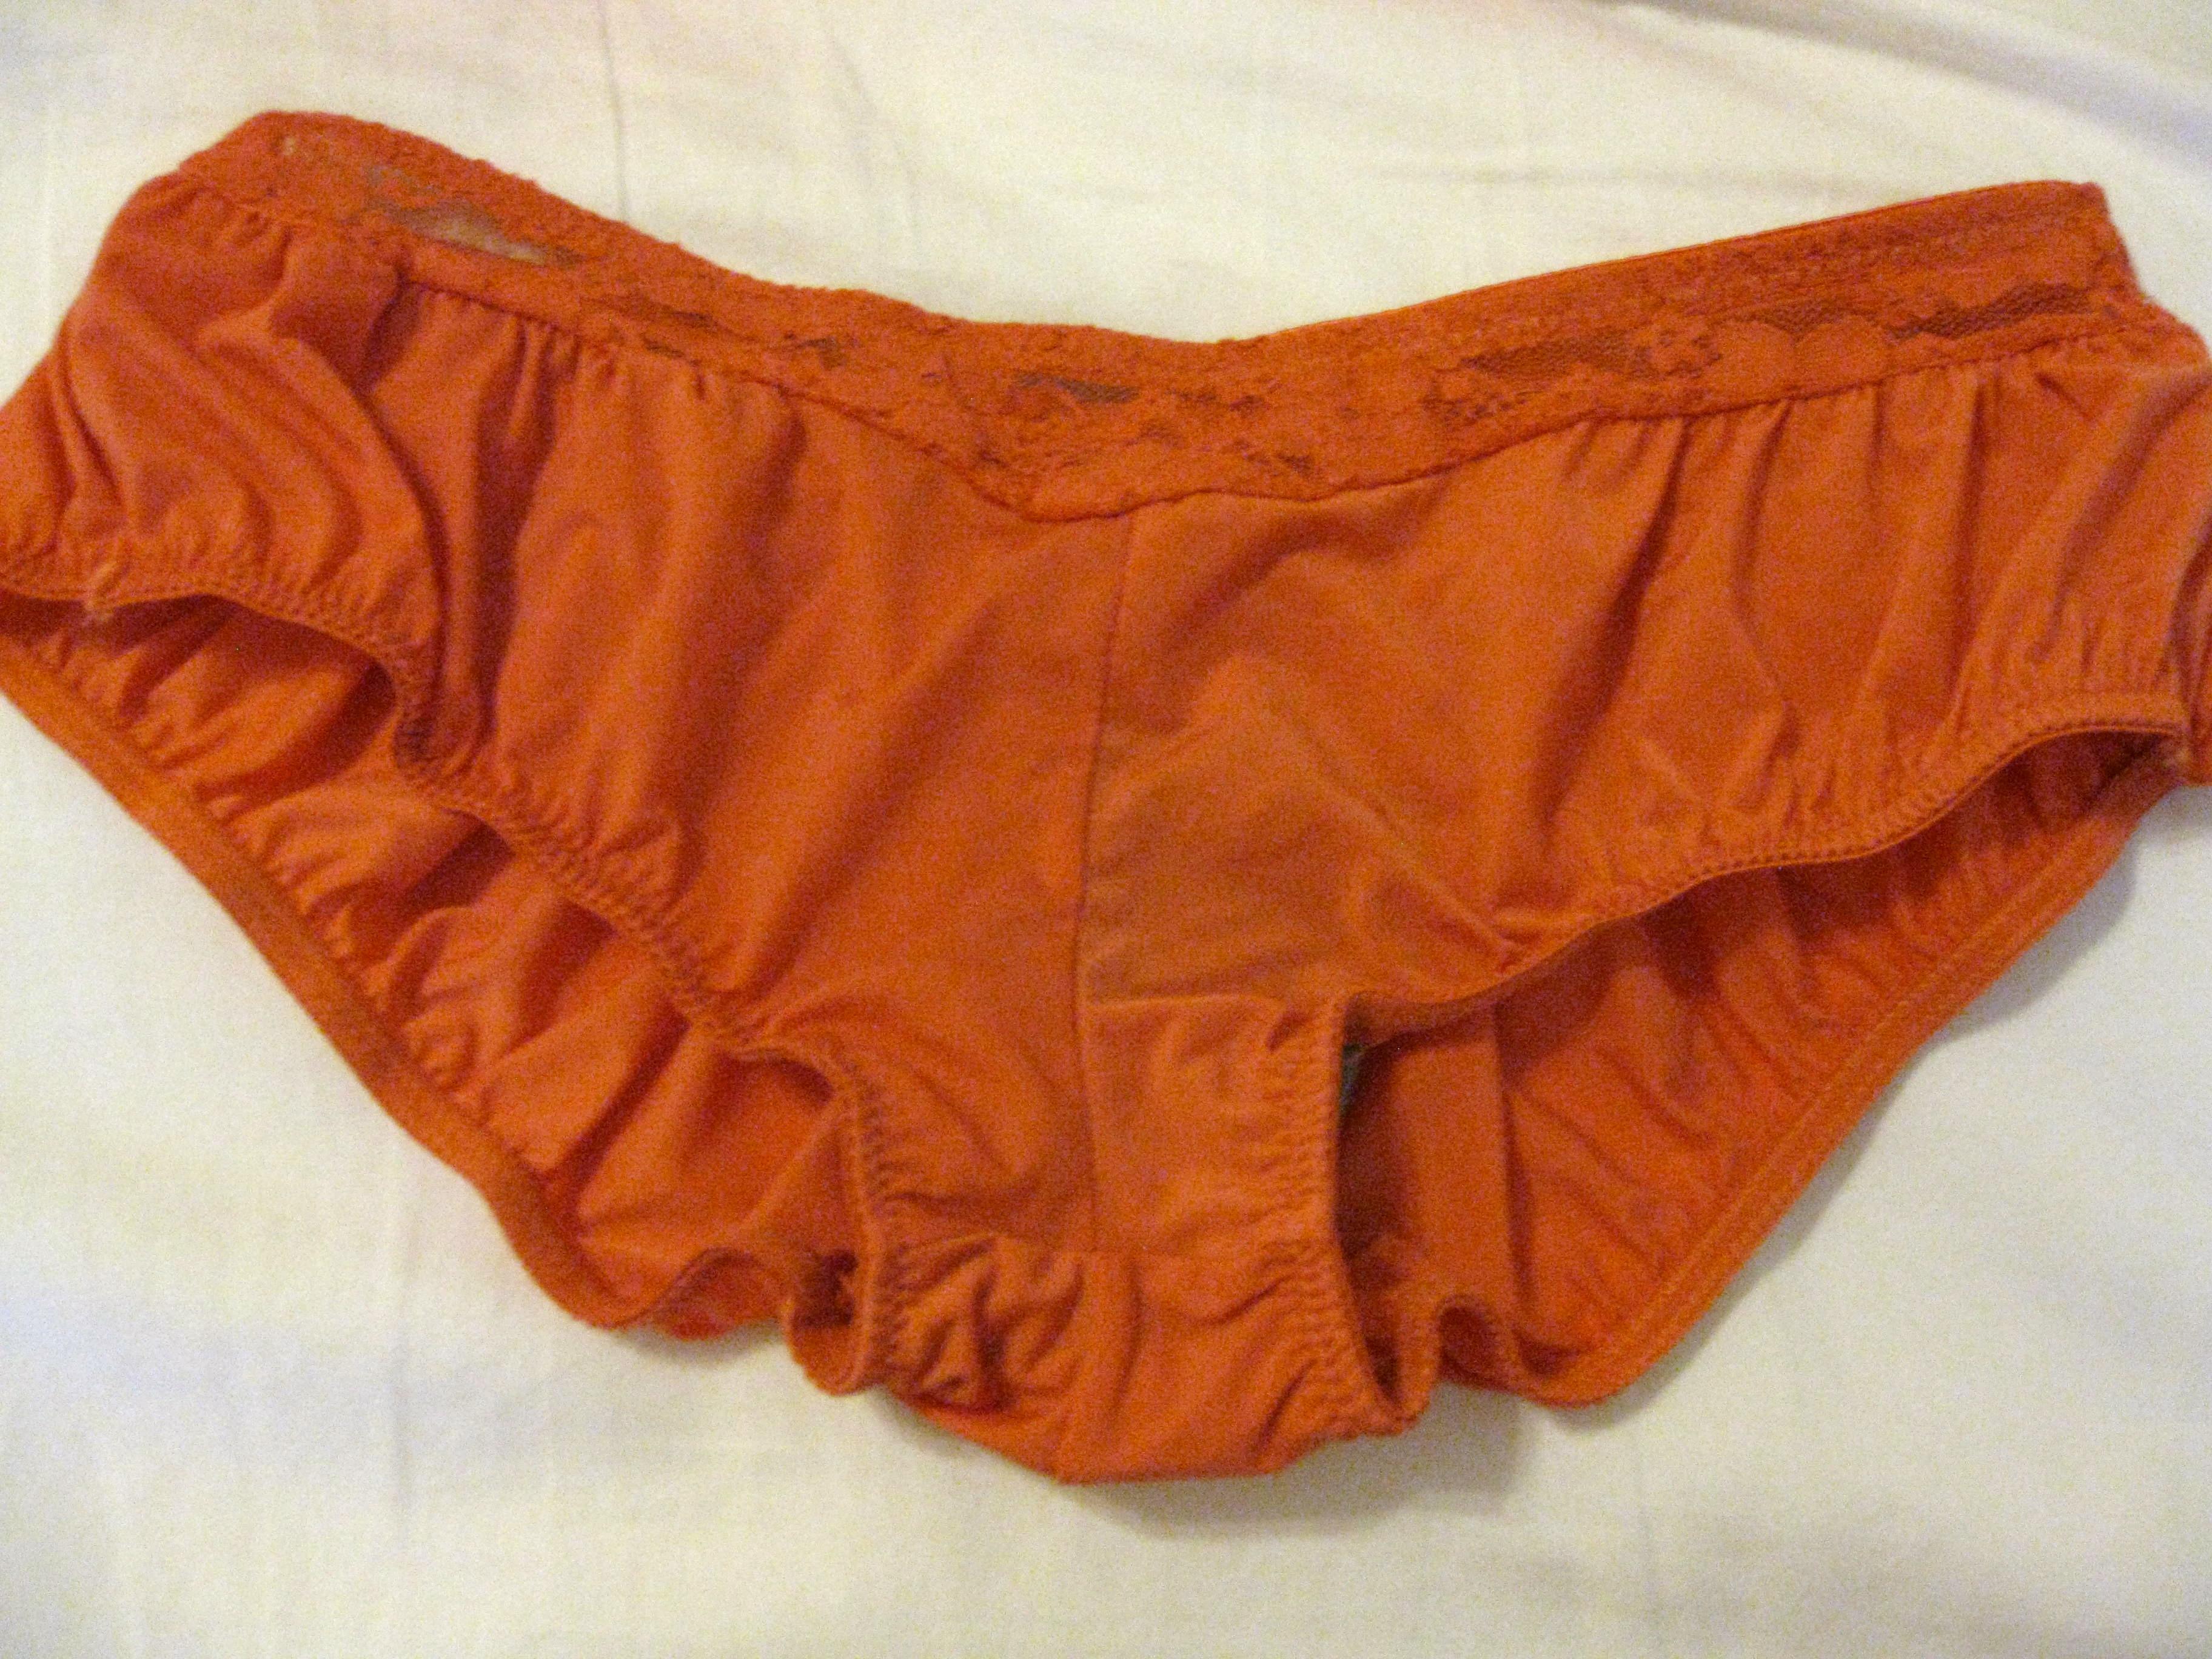 Used bra and pantie